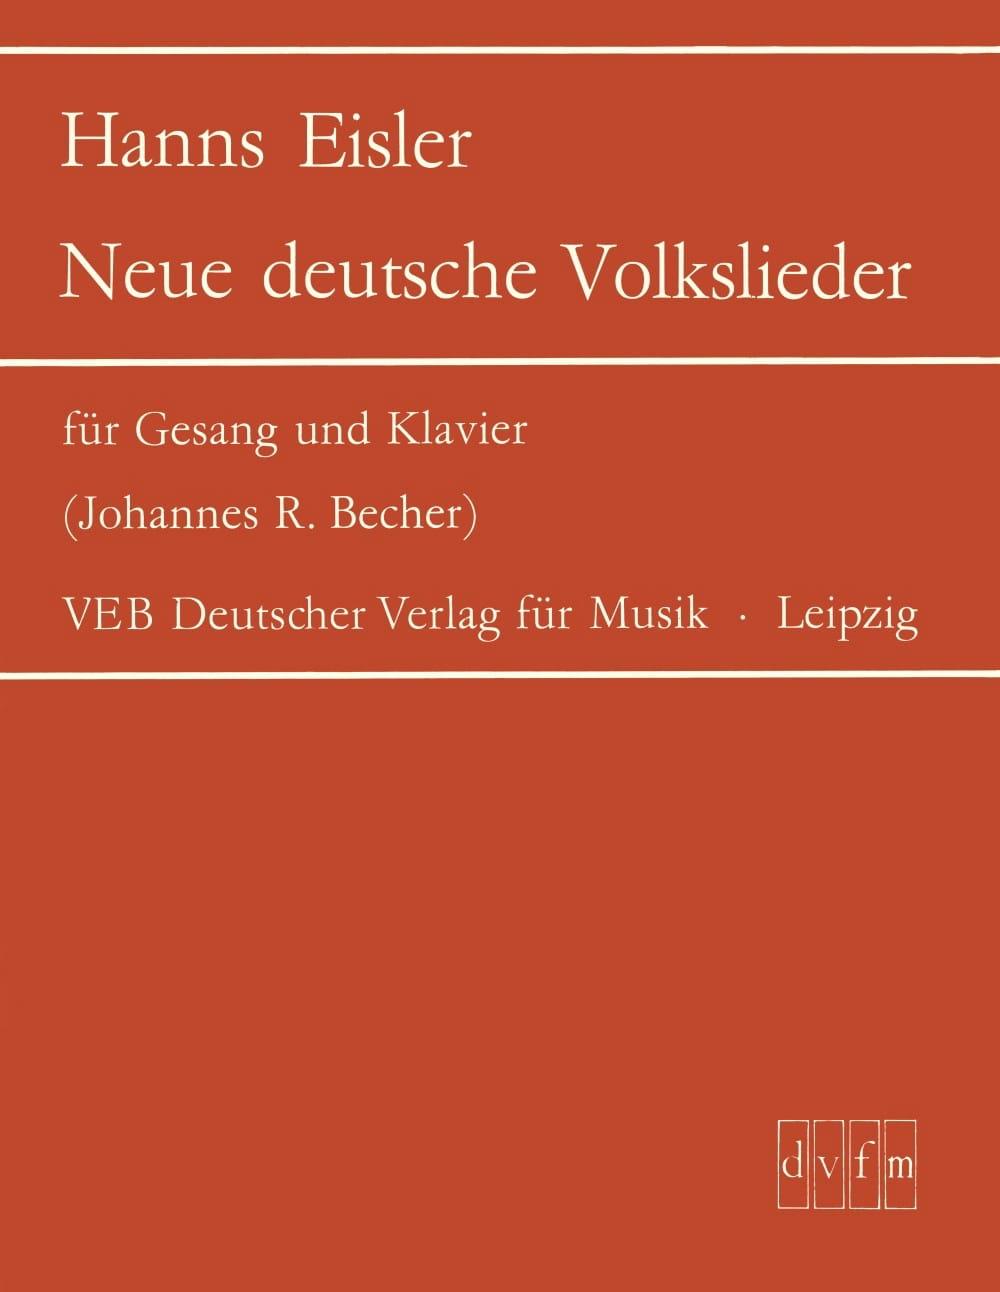 Neue deutsche Volkslieder - Hanns Eisler - laflutedepan.com